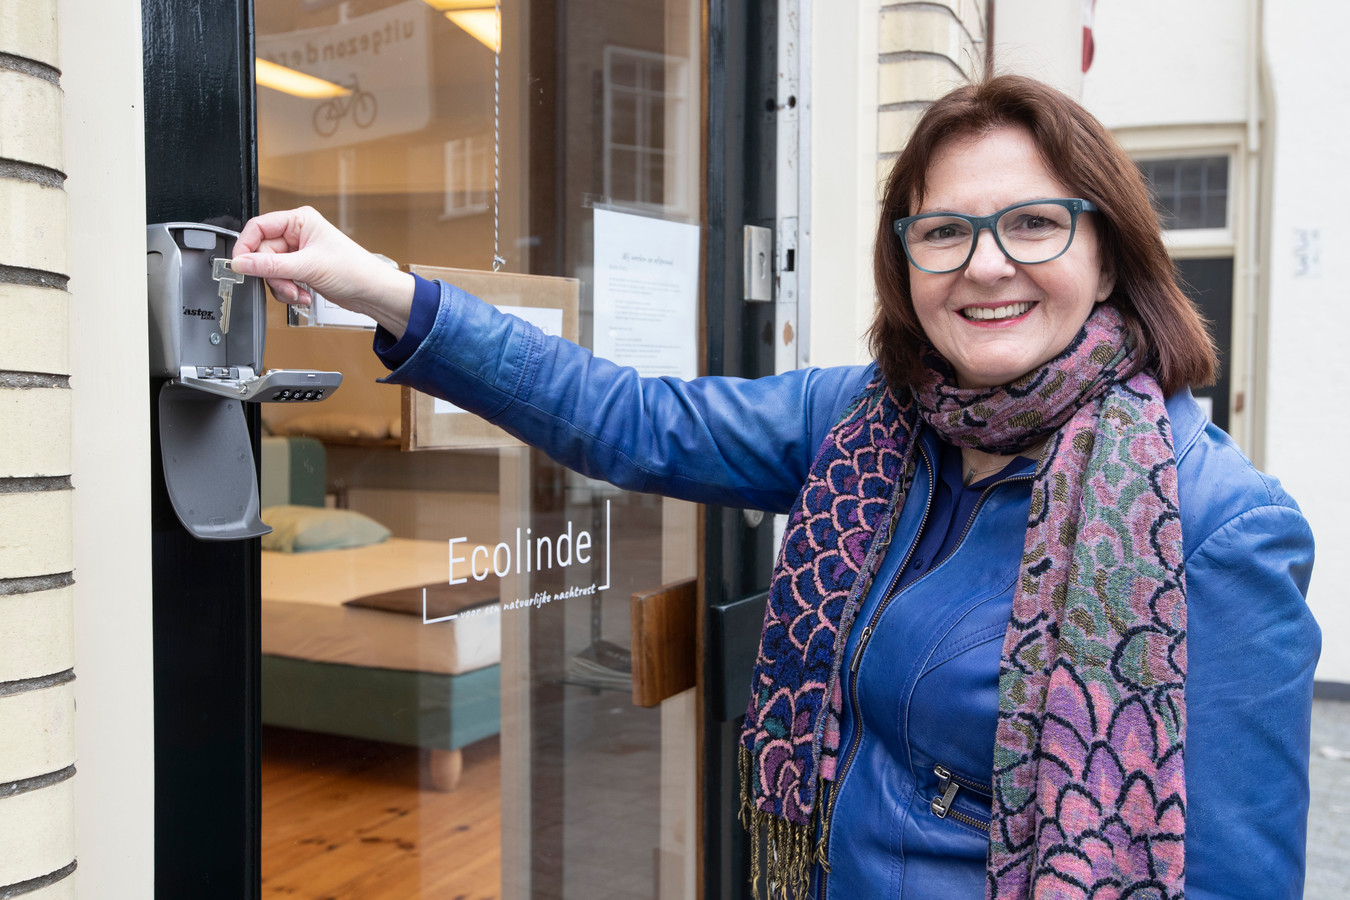 Via een code van het sleutelkastje kunnen klanten zelf de winkel van Irene Rutjes in.